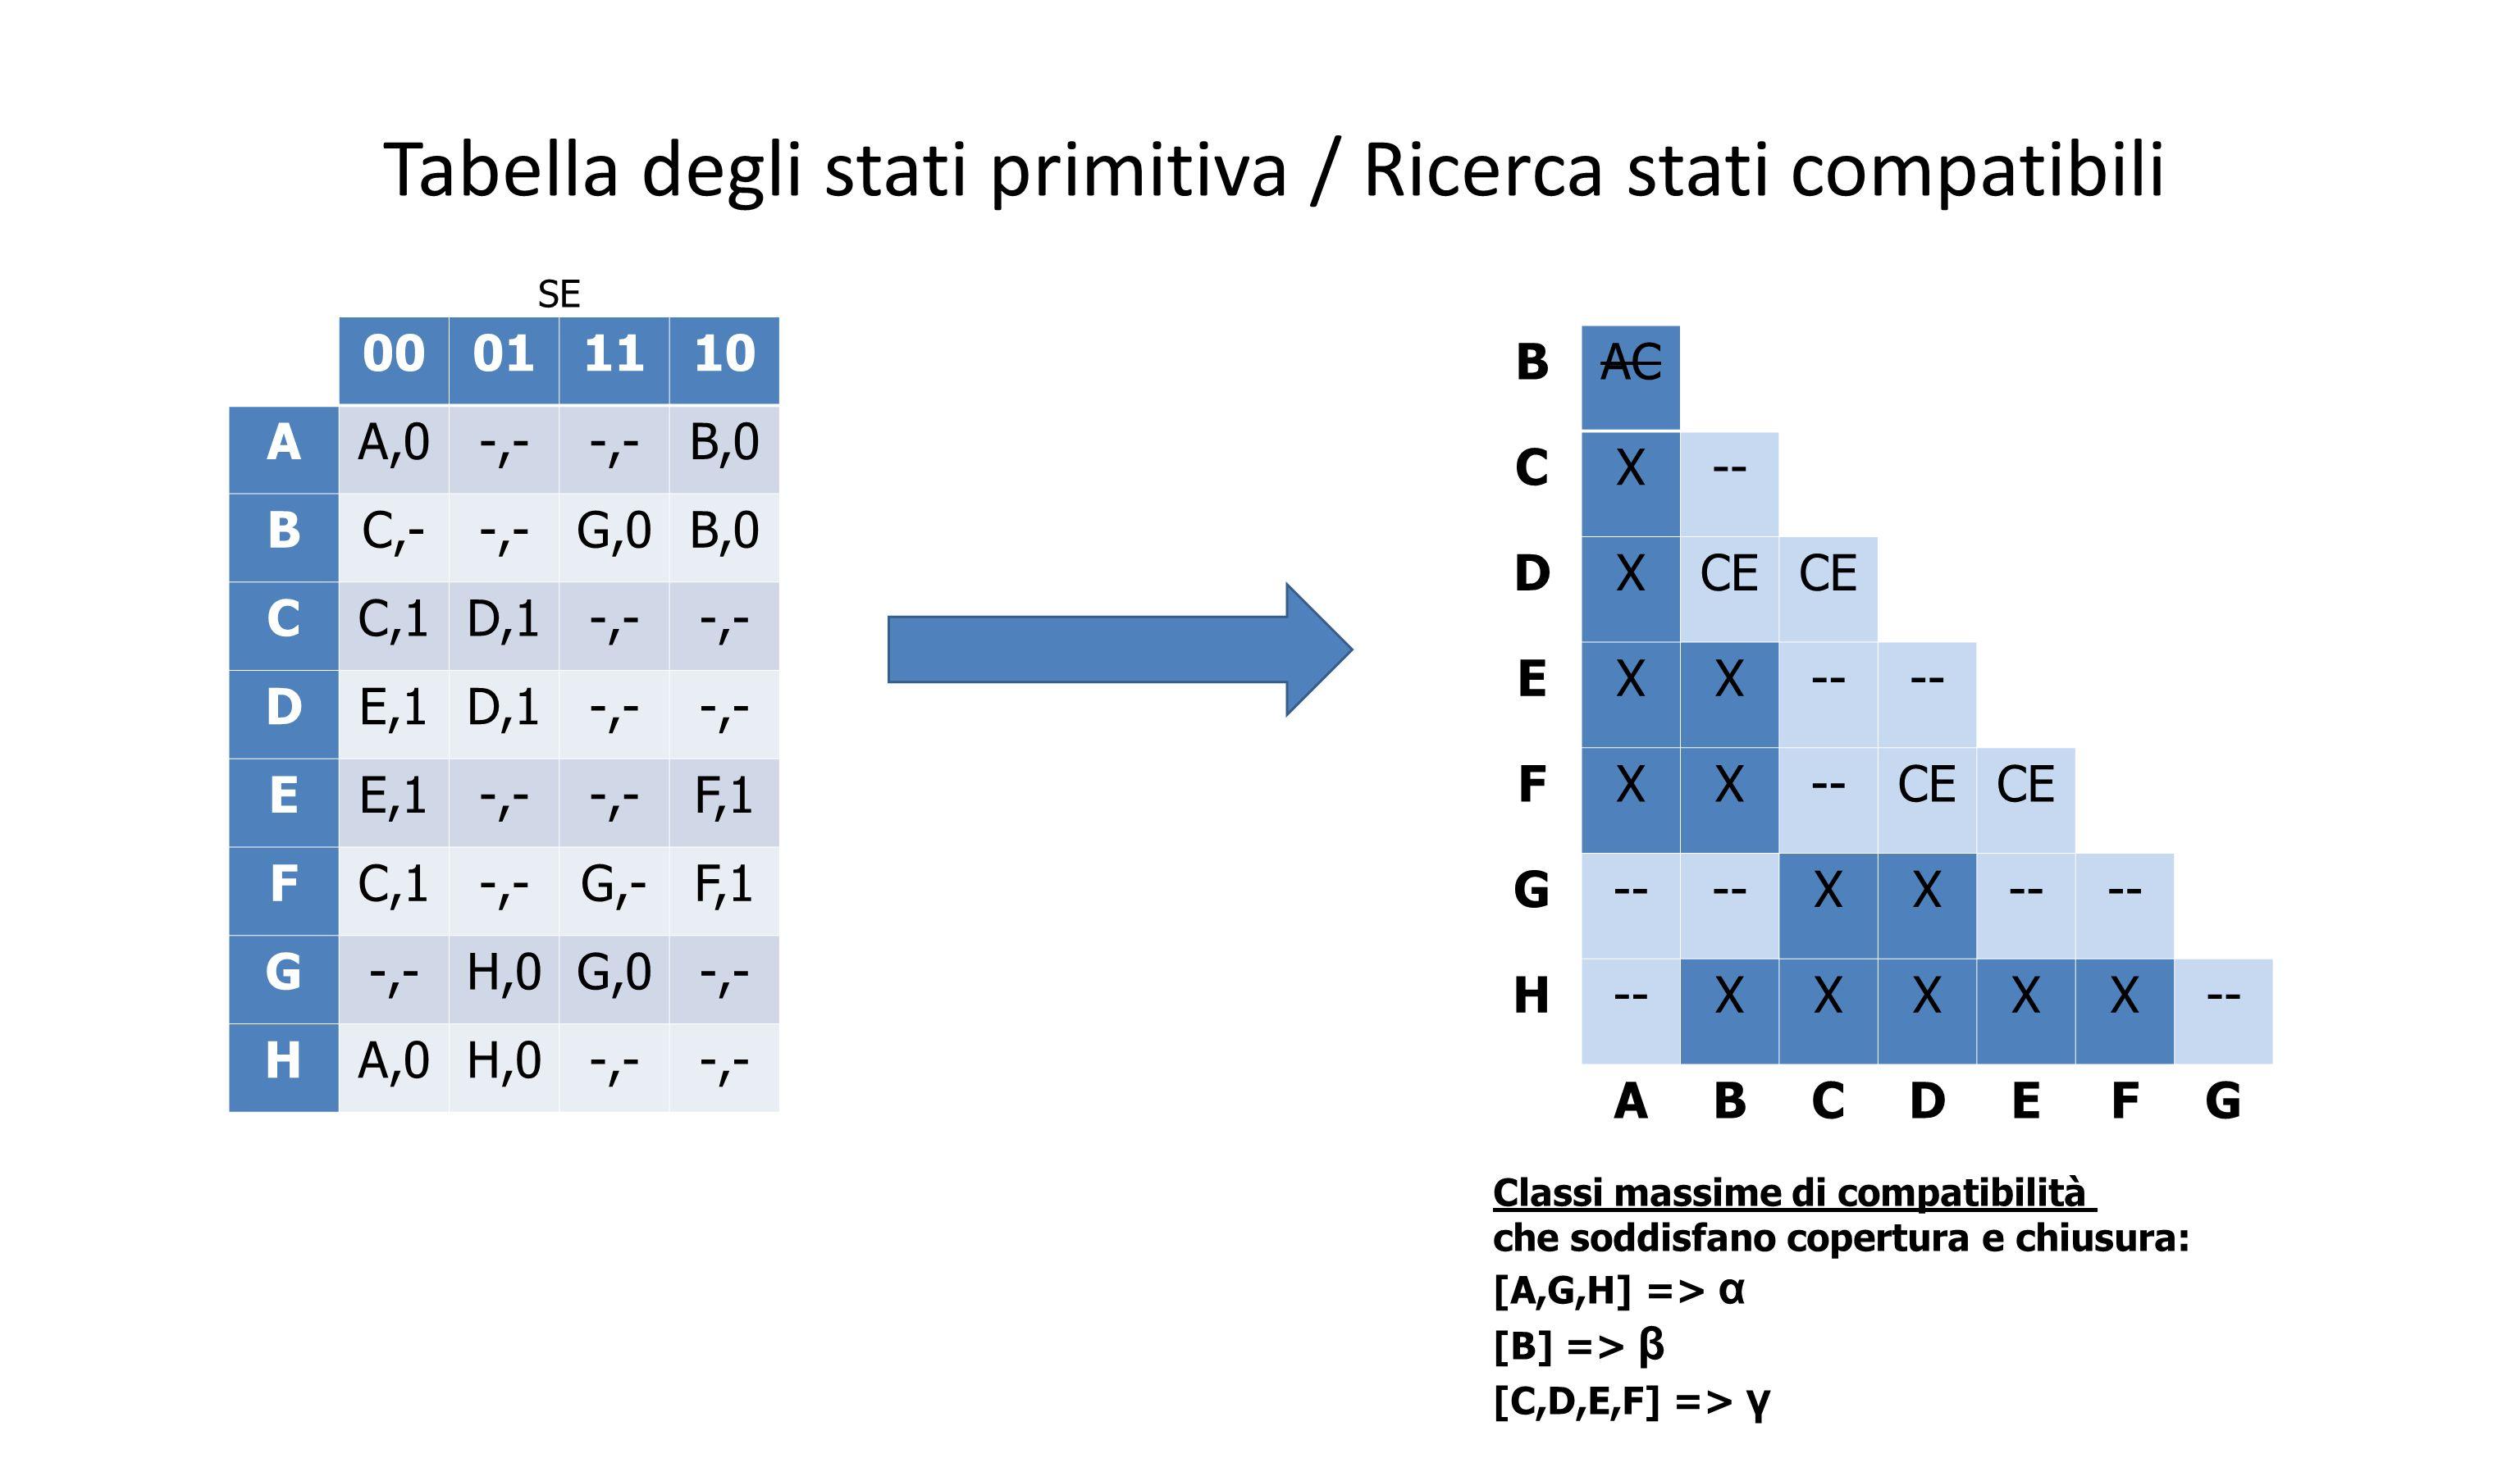 Tabella degli stati primitiva / Ricerca stati compatibili